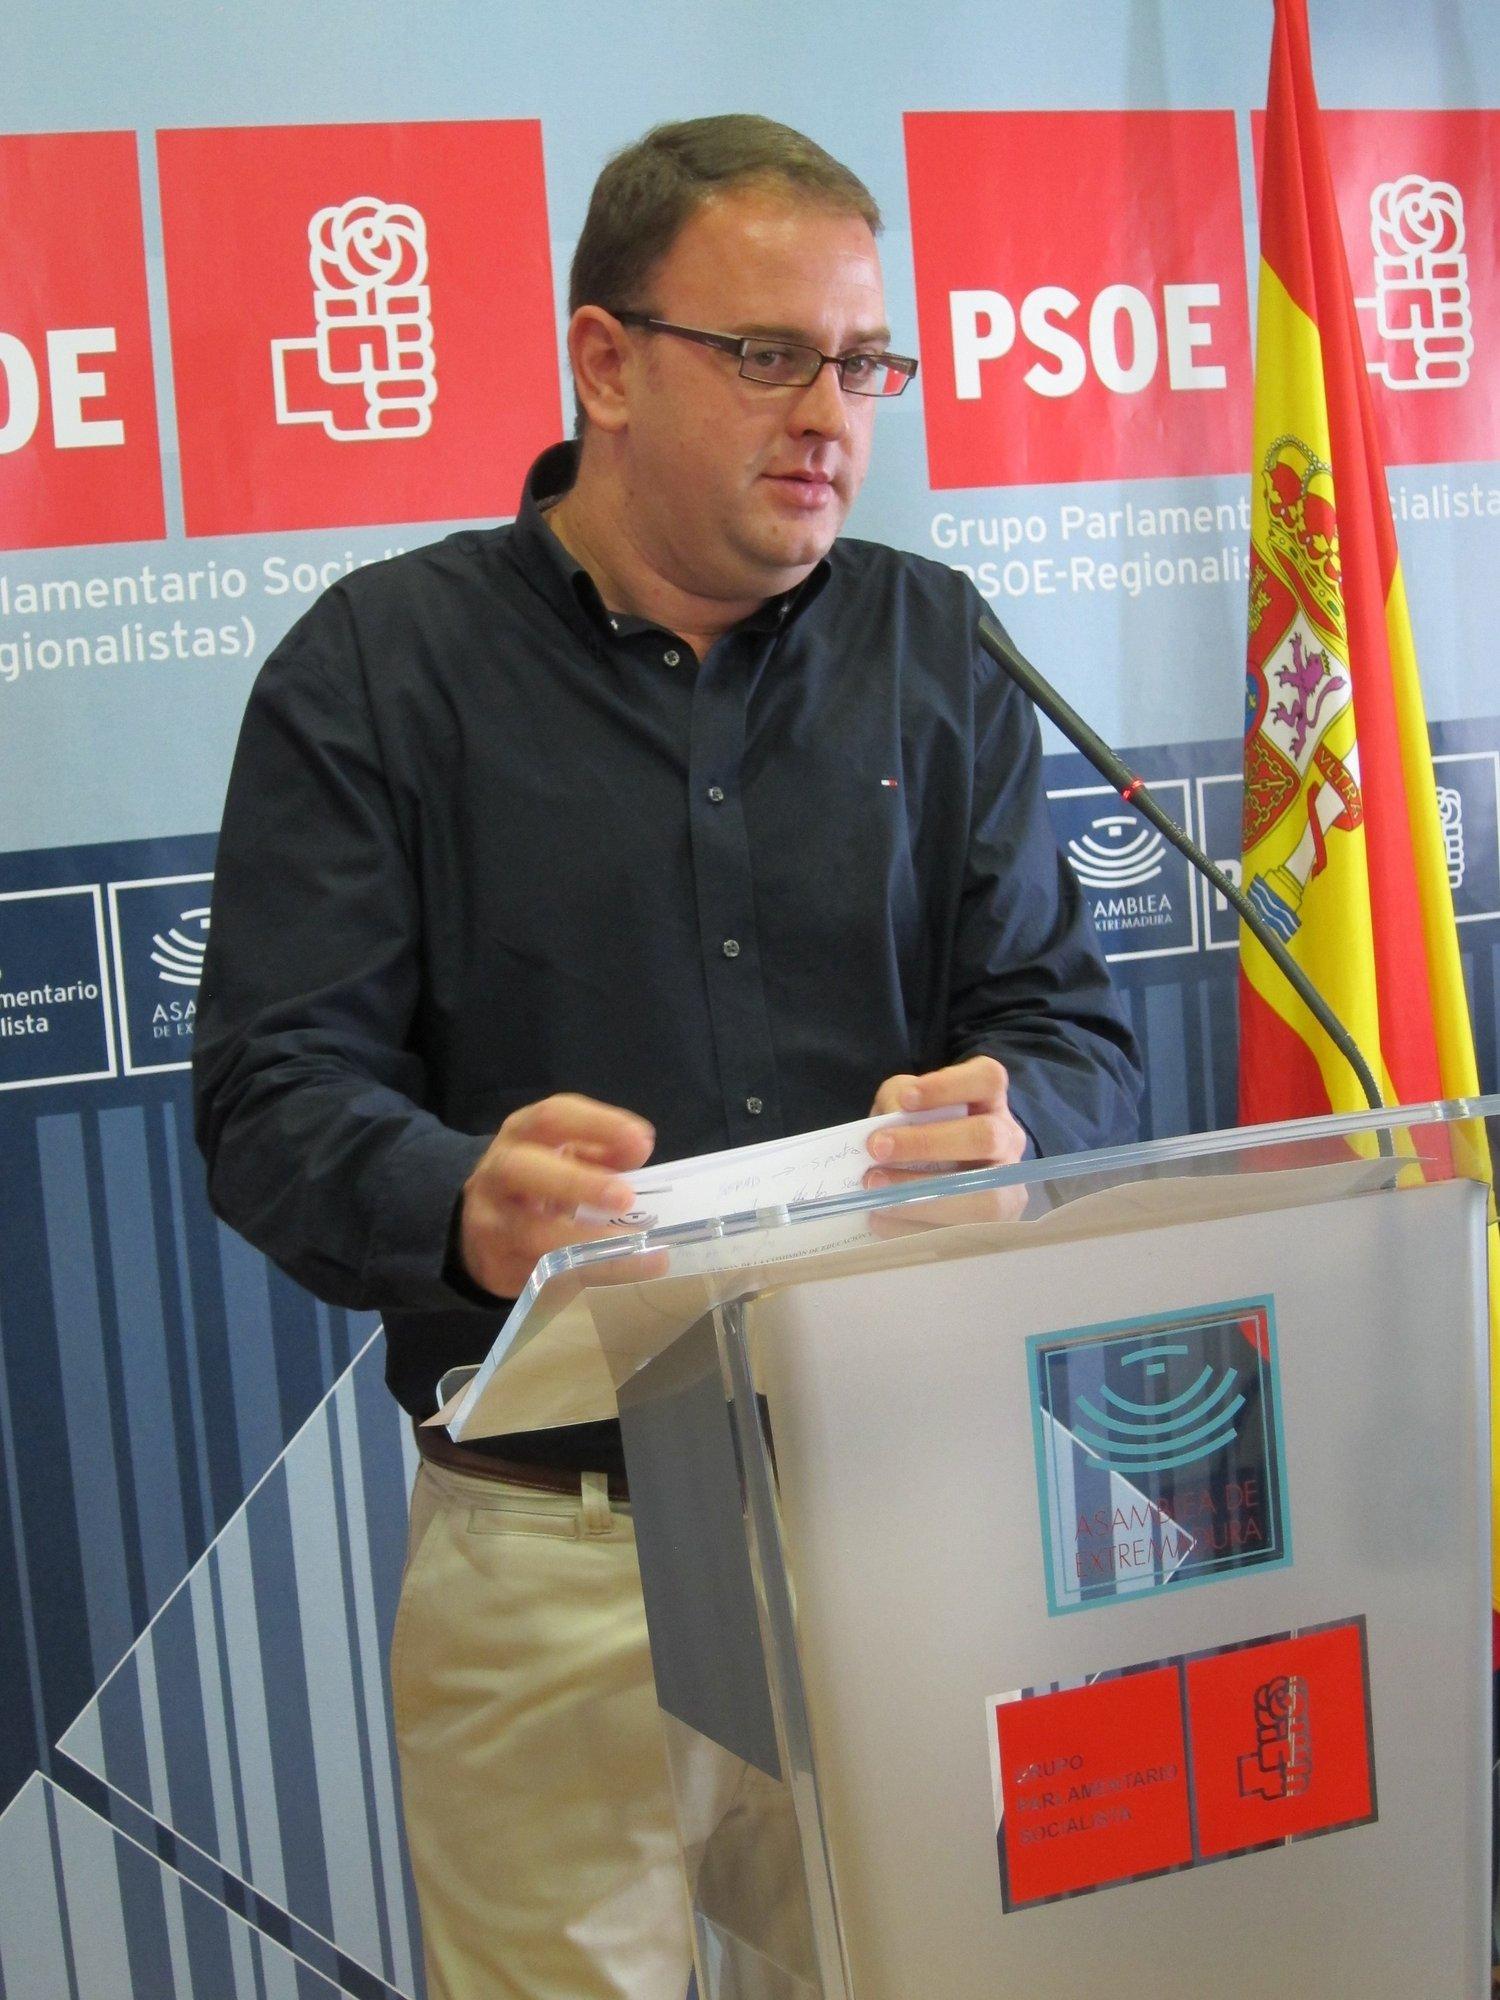 El PSOE pide una posición «conjunta» de Gobierno, partidos y agentes sociales y económicos ante el recorte a renovables